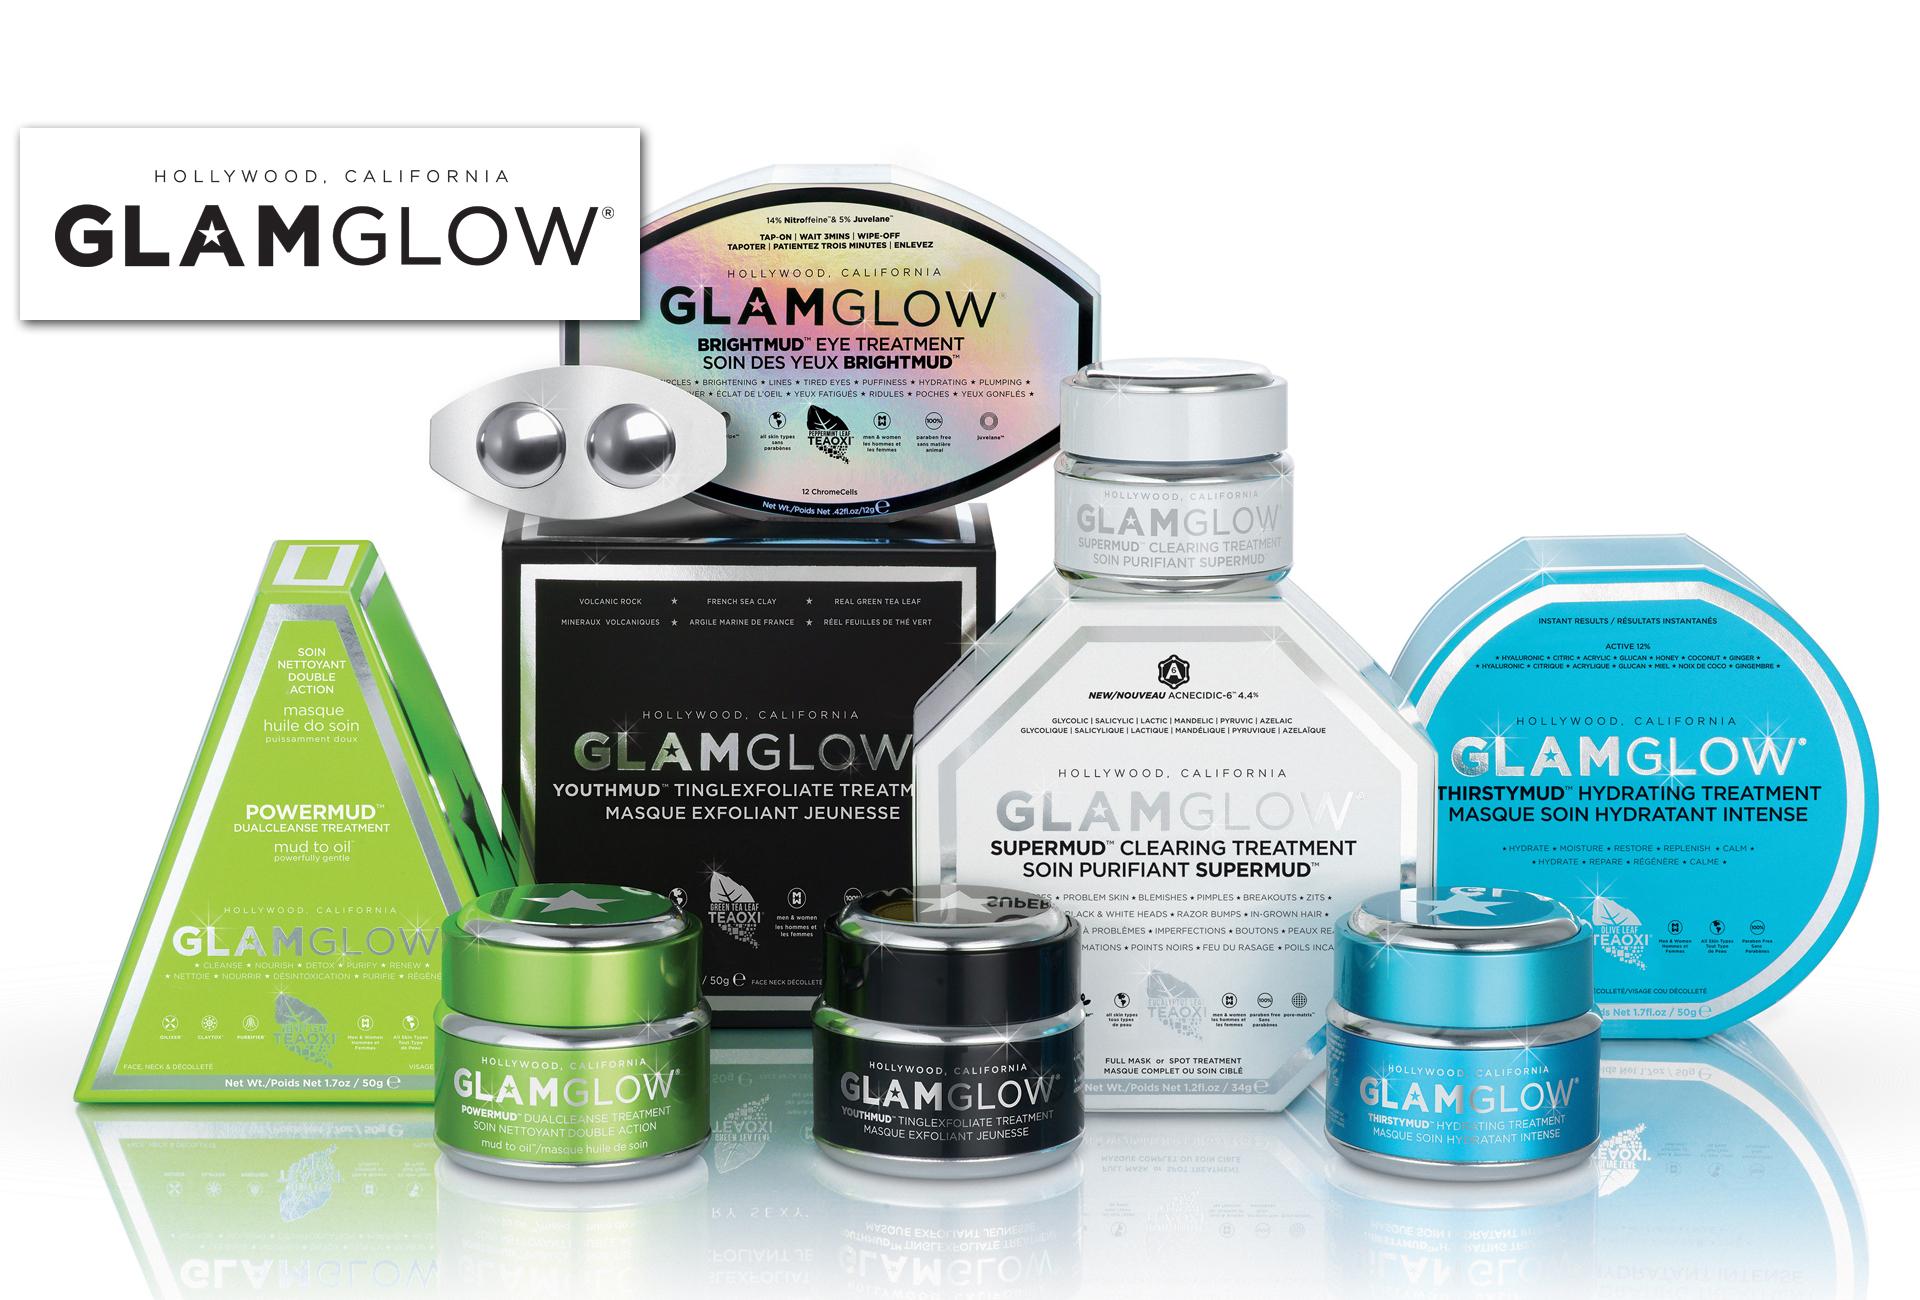 Máscaras Faciais GlamGlow Face Masks são o Segredo de Beleza de Hollywood